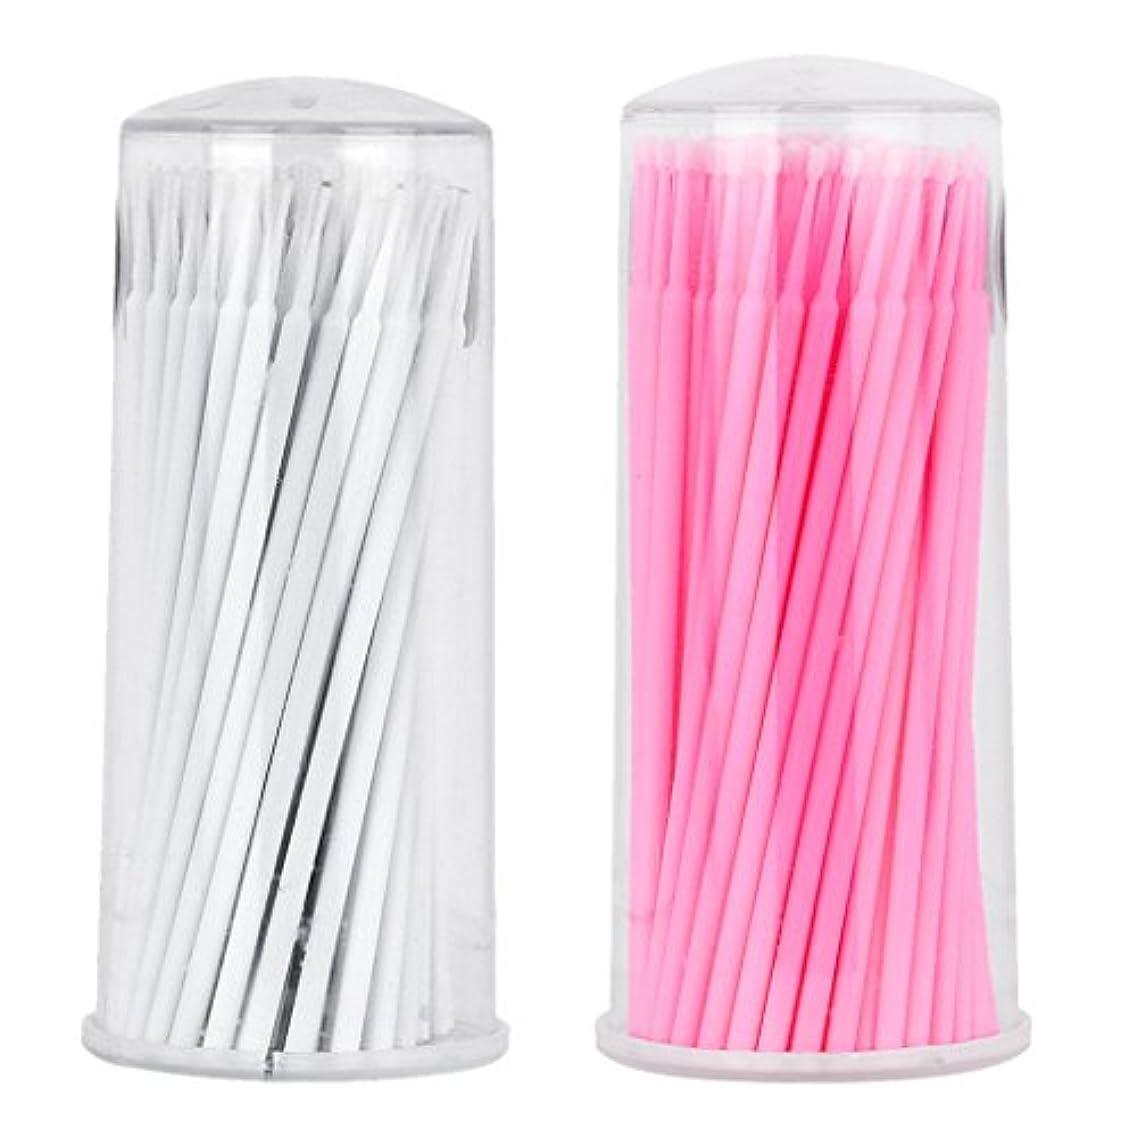 約200本 マイクロブラシ 極細綿棒 まつげブラシ スワブ 使い捨て アプリケータ